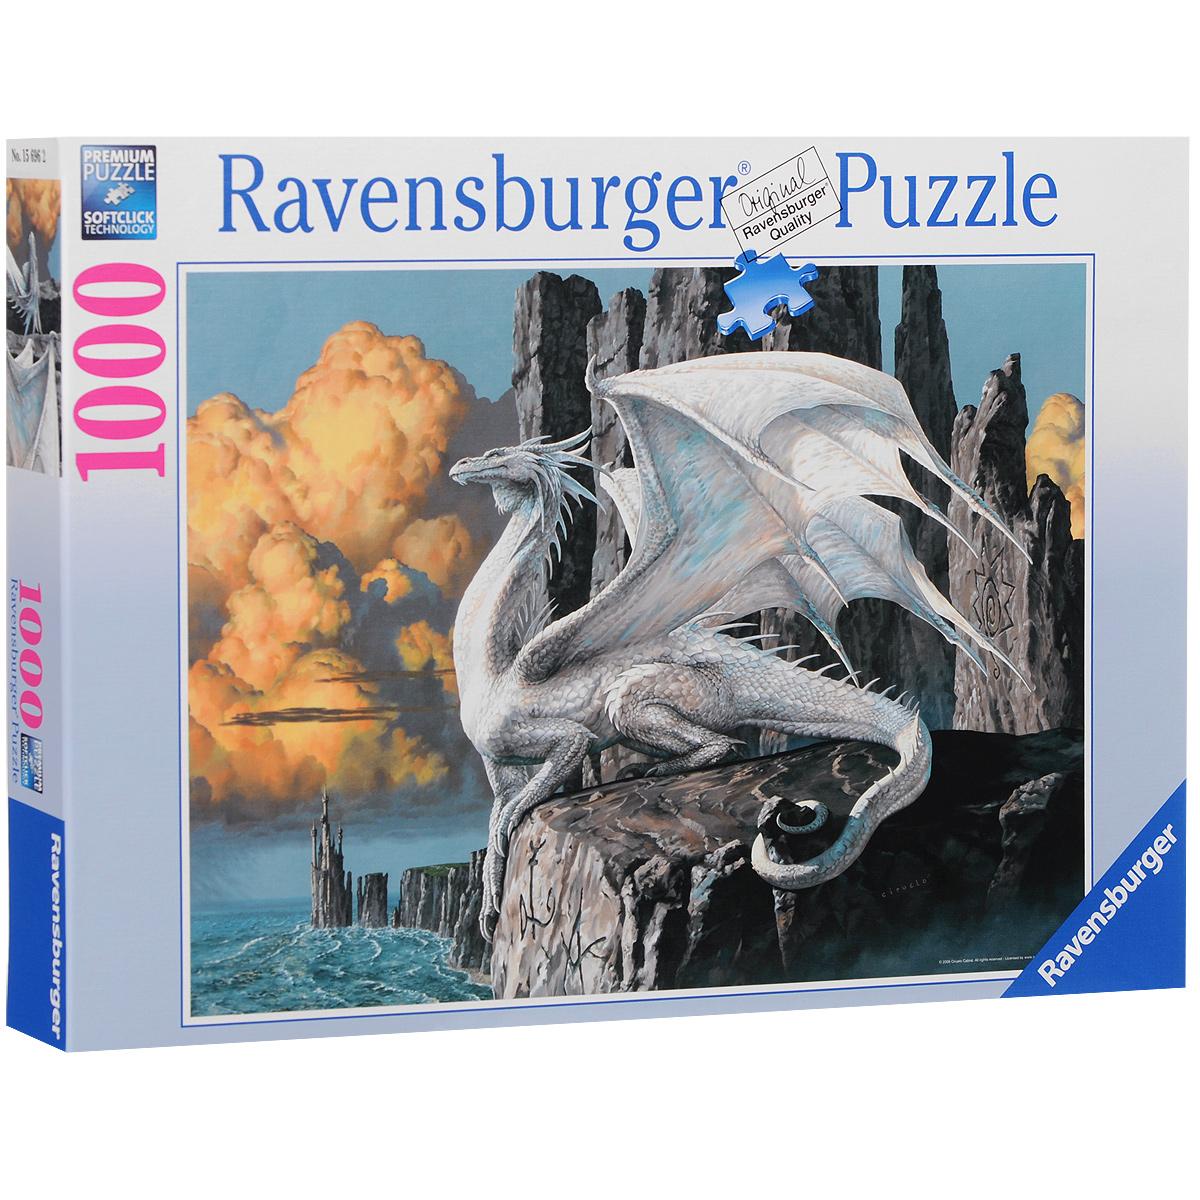 Ravensburger Белый дракон. Пазл, 1000 элементов156962Пазл Ravensburger Белый дракон, без сомнения, придется вам по душе. Собрав этот пазл, включающий в себя 1000 элементов, вы получите великолепную картину с изображением дракона. Каждая деталь имеет свою форму и подходит только на своё место. Нет двух одинаковых деталей! Пазл изготовлен из картона высочайшего качества. Все изображения аккуратно отсканированы и напечатаны на ламинированной бумаге. Пазл - великолепная игра для семейного досуга. Сегодня собирание пазлов стало особенно популярным, главным образом, благодаря своей многообразной тематике, способной удовлетворить самый взыскательный вкус. А для детей это не только интересно, но и полезно. Собирание пазла развивает мелкую моторику у ребенка, тренирует наблюдательность, логическое мышление, знакомит с окружающим миром, с цветом и разнообразными формами.